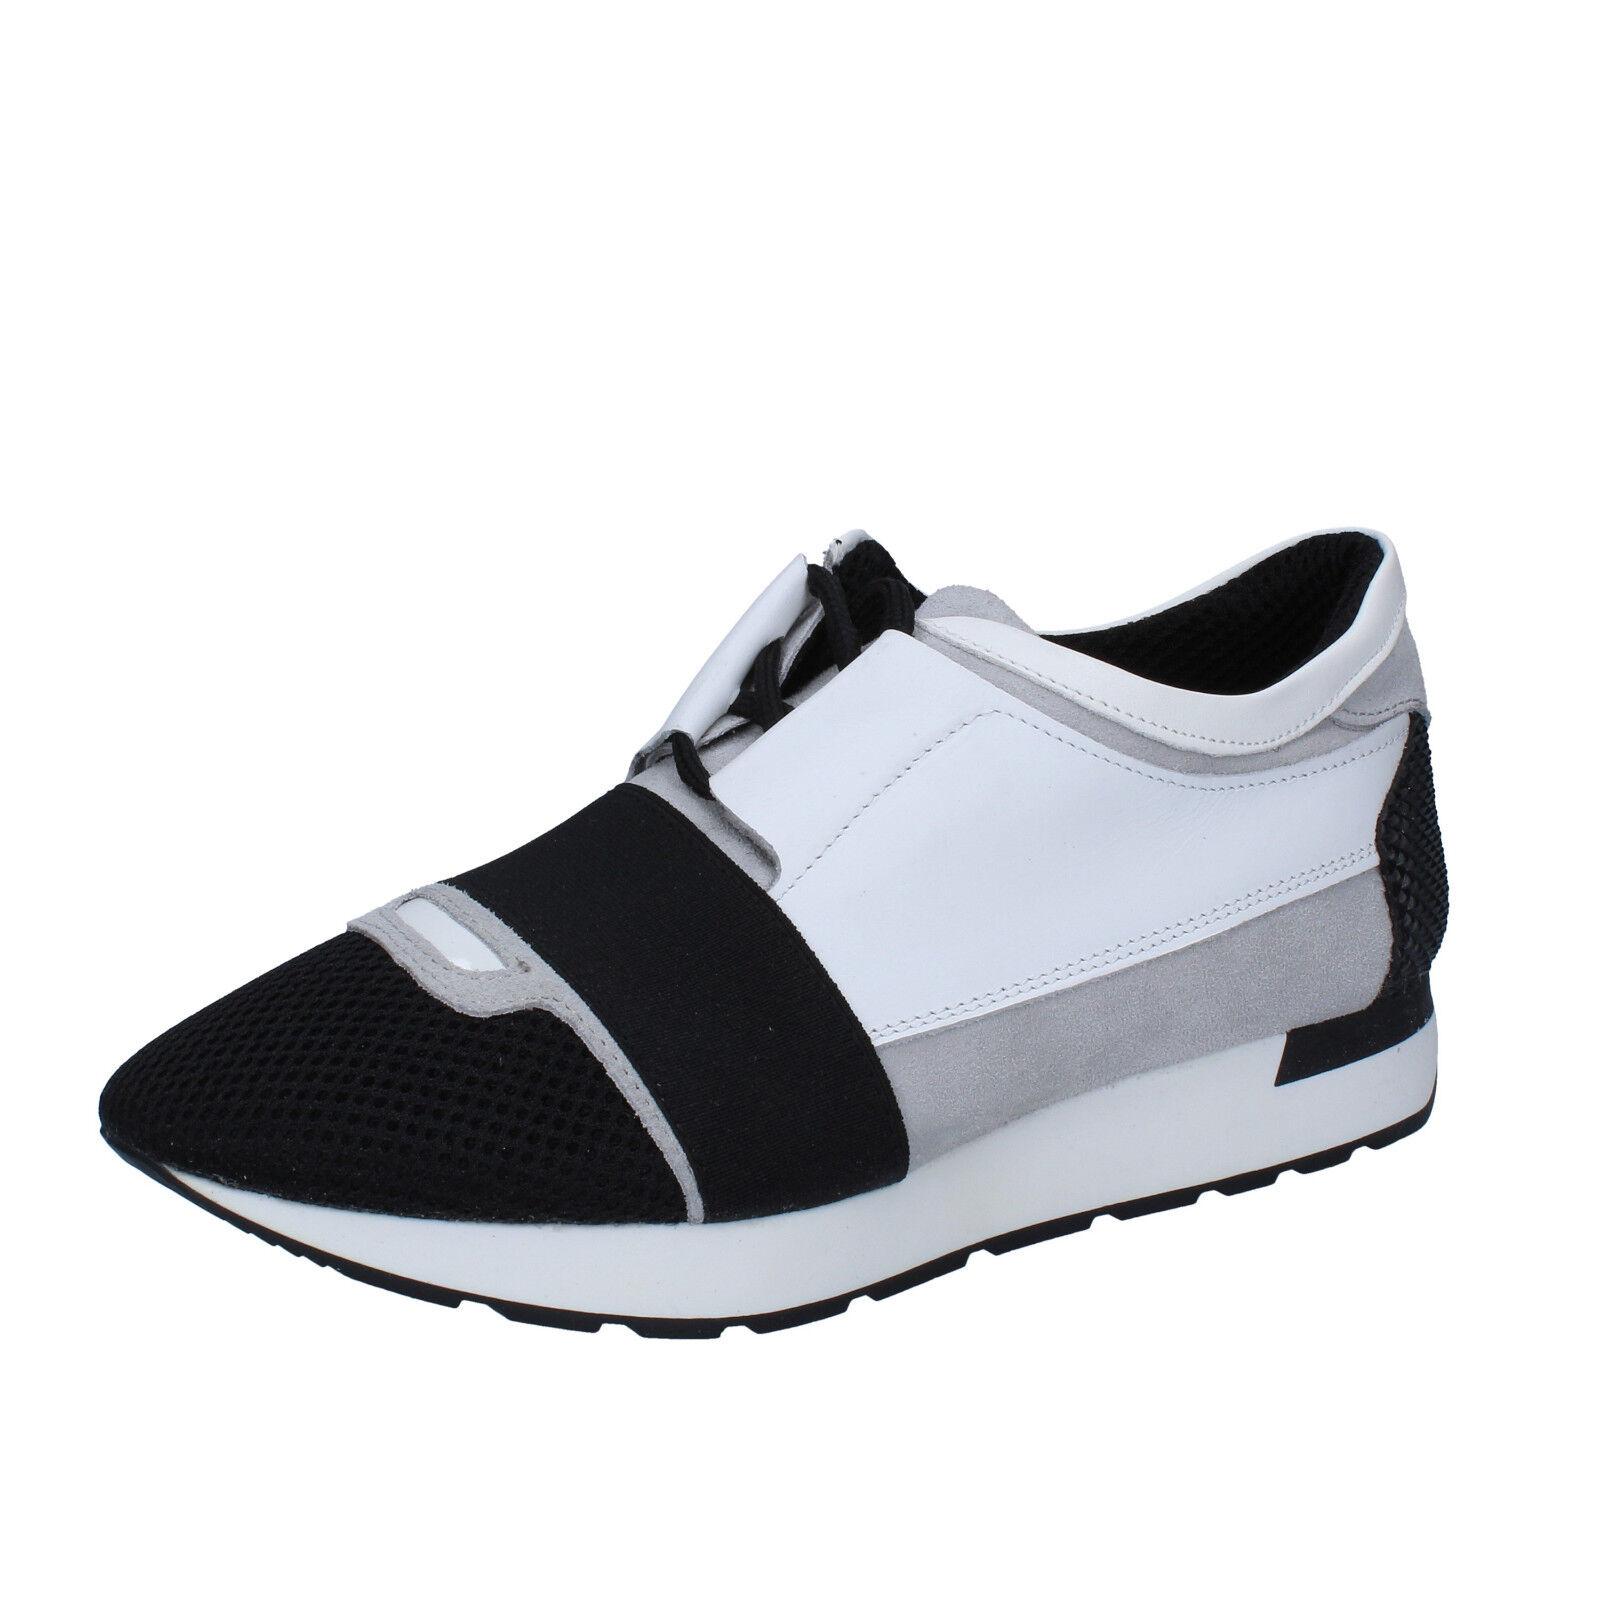 Herren schuhe SALVO FERDI 42 EU sneakers schwarz Weiß leder wildleder BZ612-C